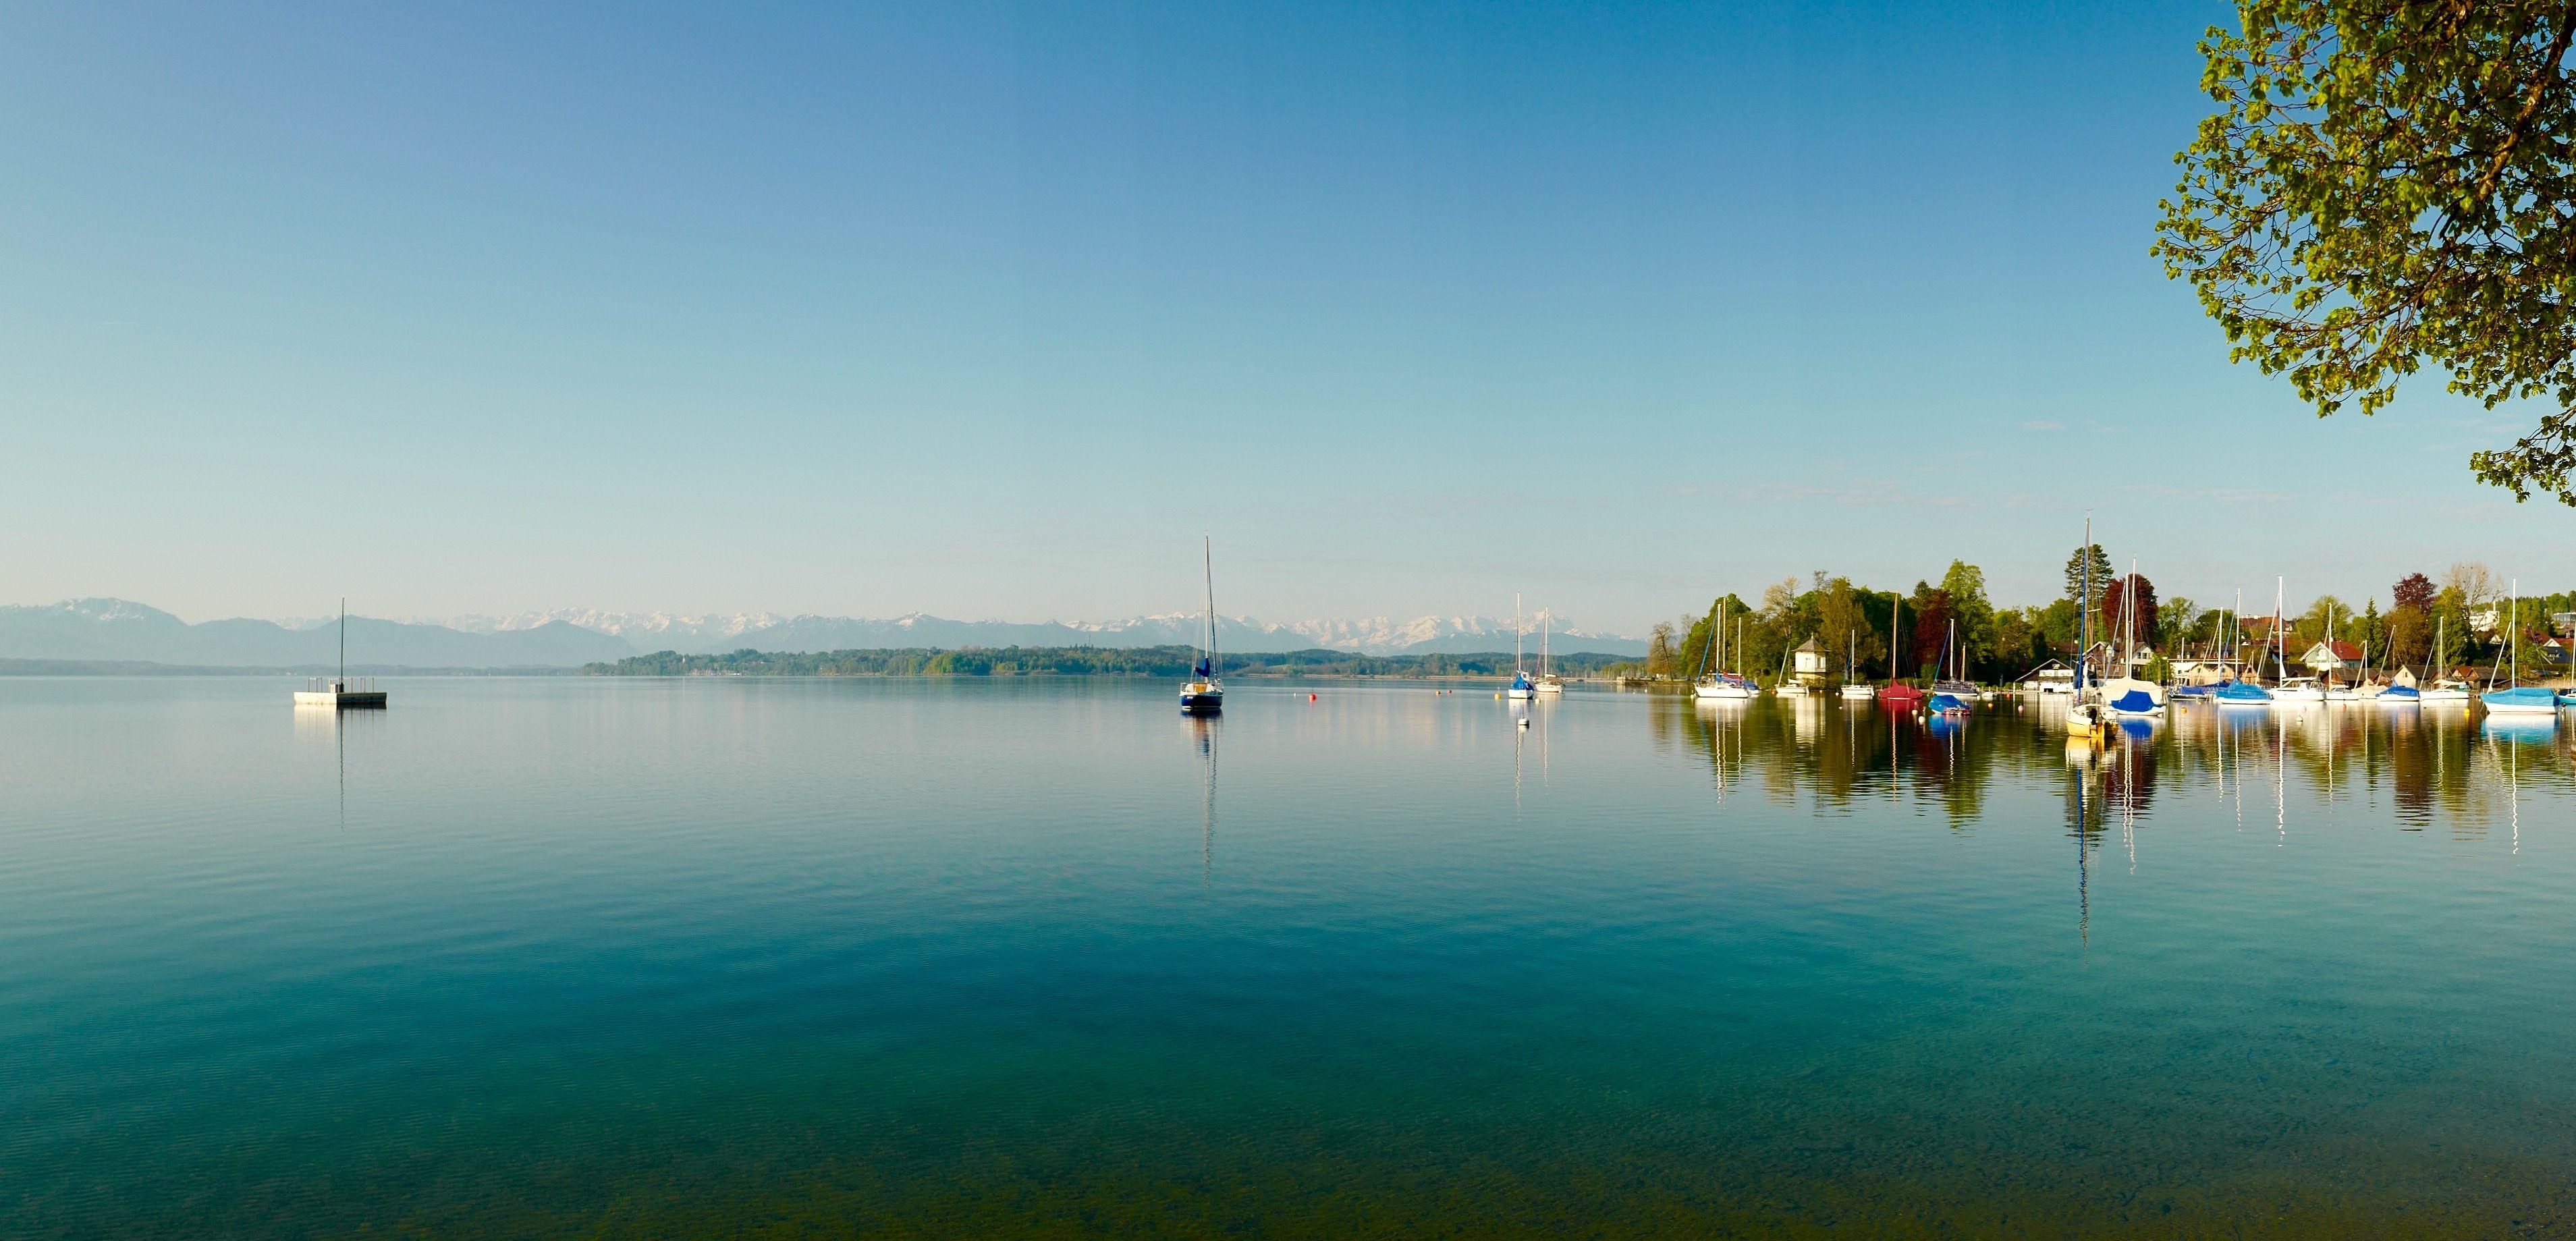 Morning light at Lake Starnberg, Leica Q panorama function #Lake Starnberg#Bernried#Panorama#Leica Q